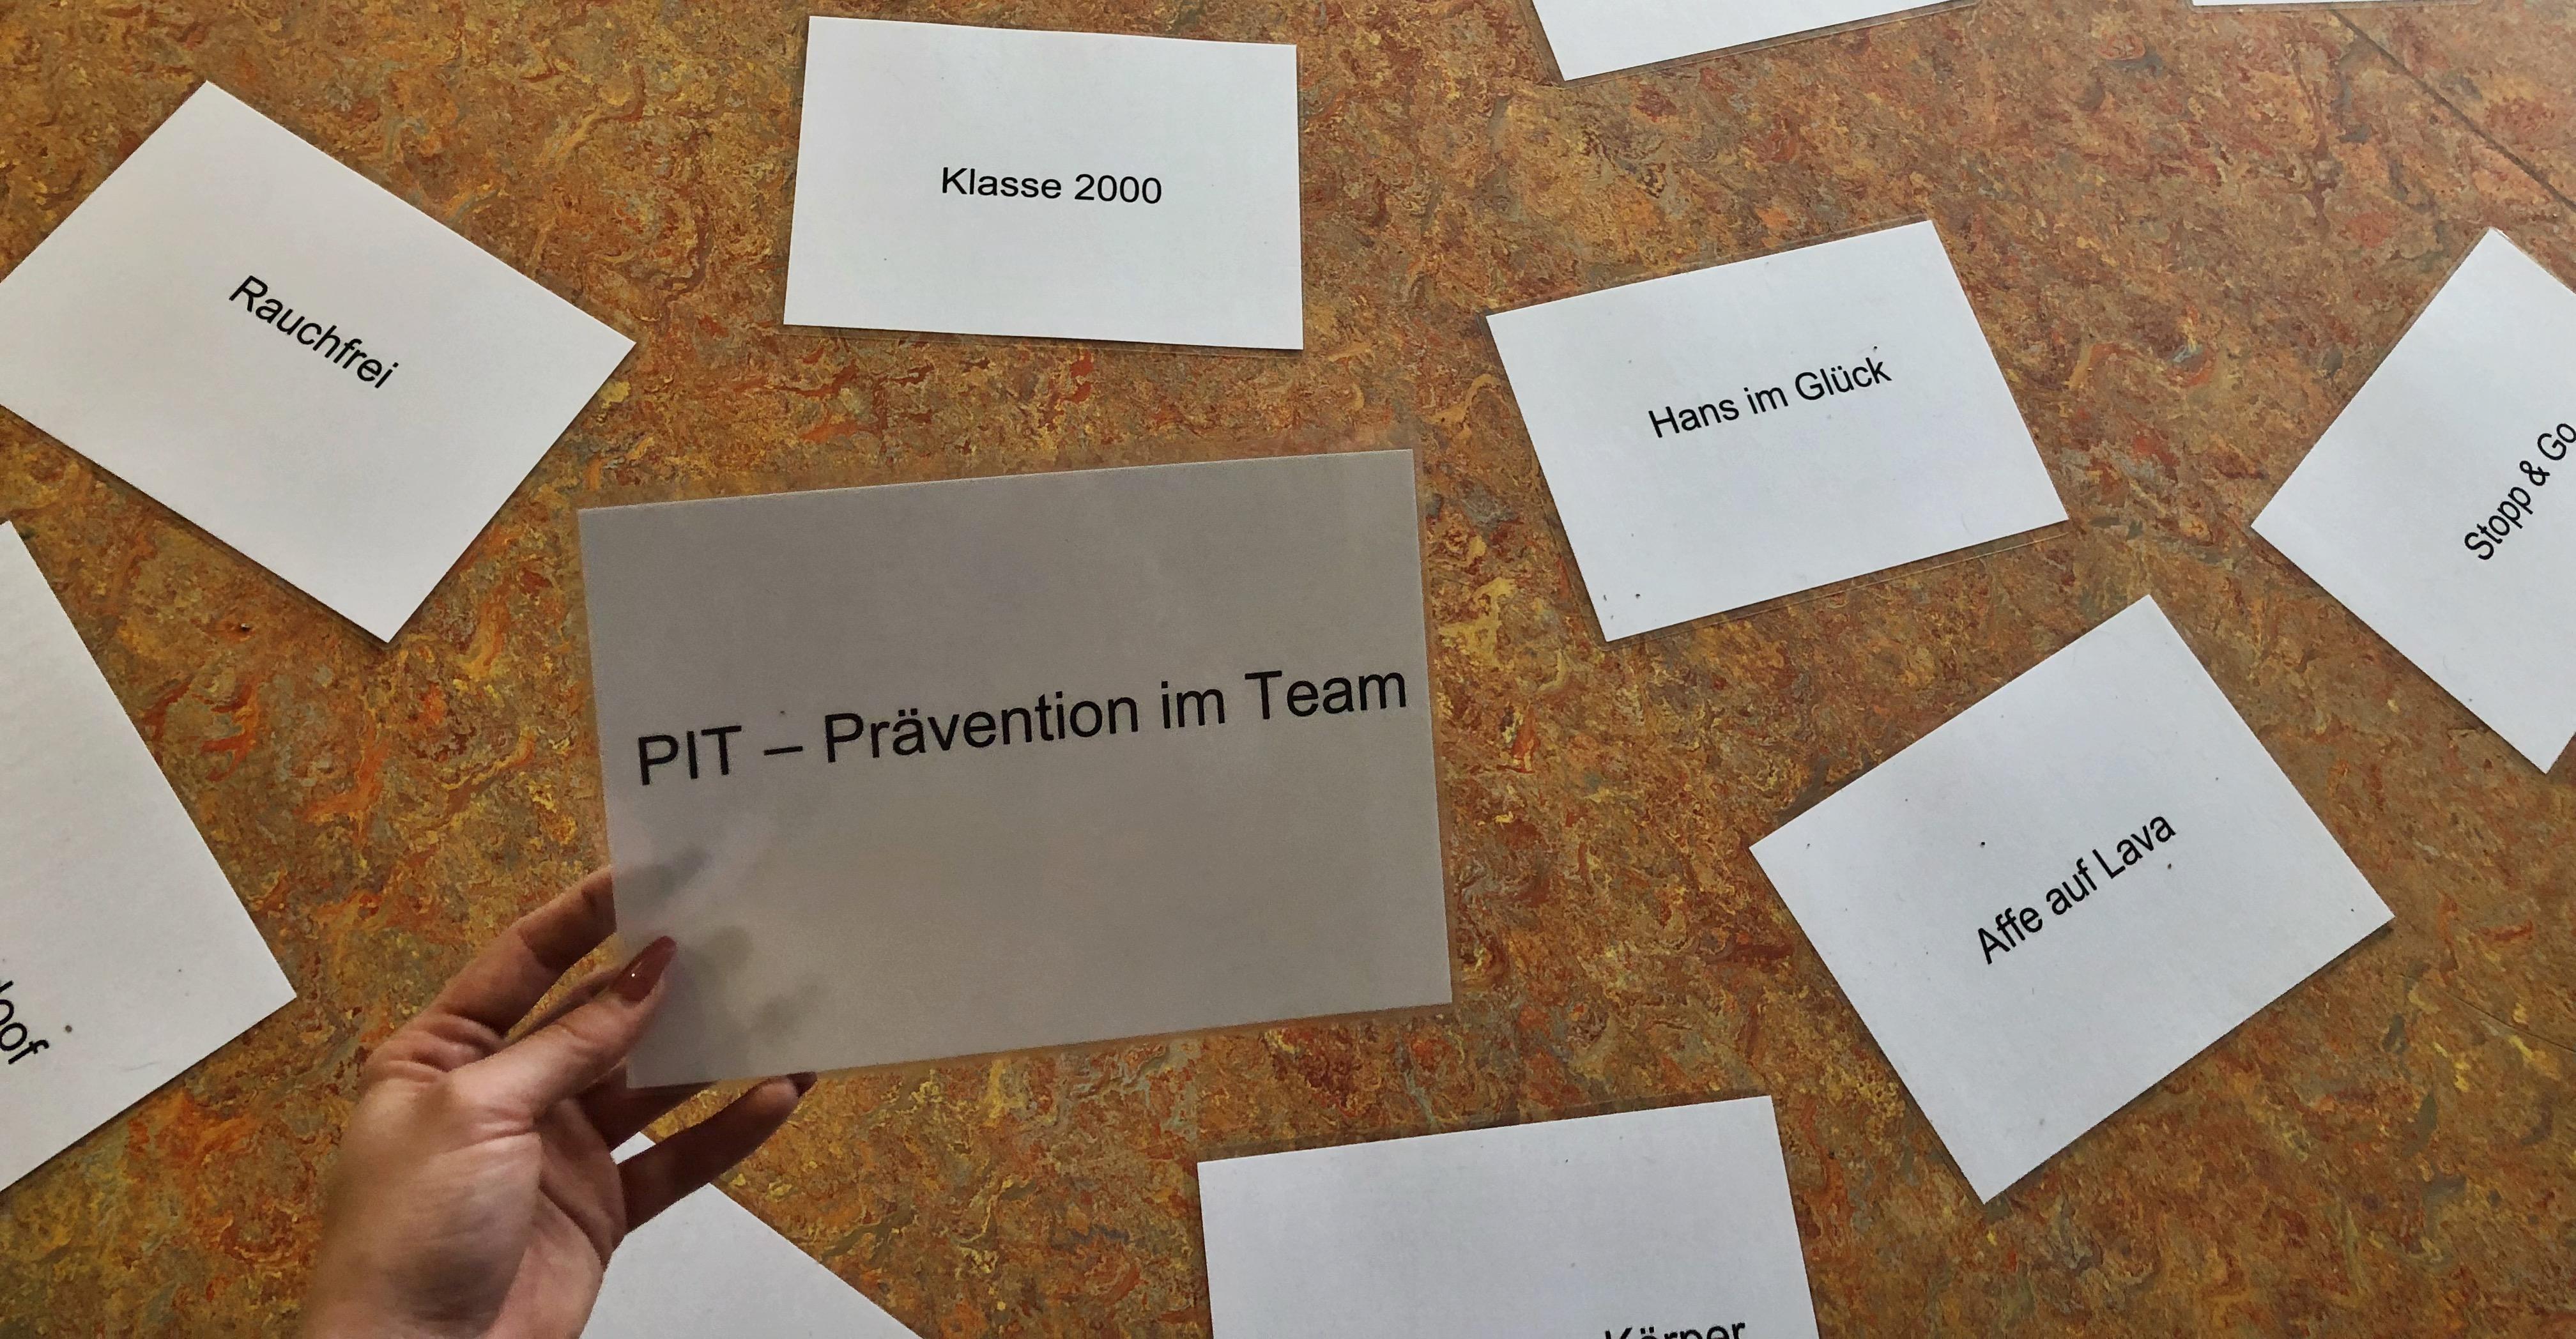 Sucht - Präventionsarbeit